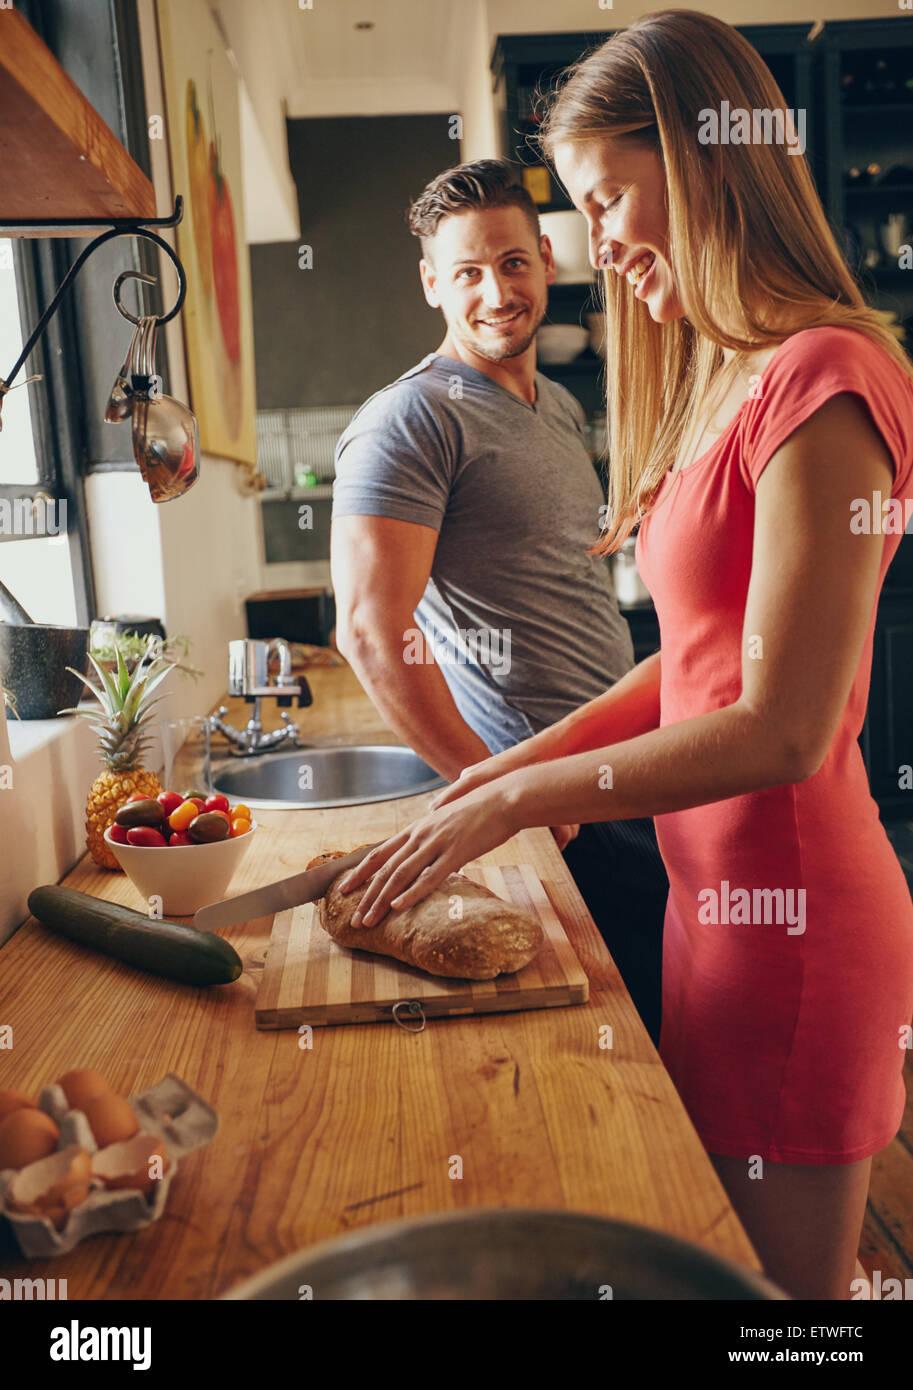 Kaukasische paar zusammen in der Küche im Morgen. Junge Frau Schneiden von Brot, während ihr Mann steht Stockbild